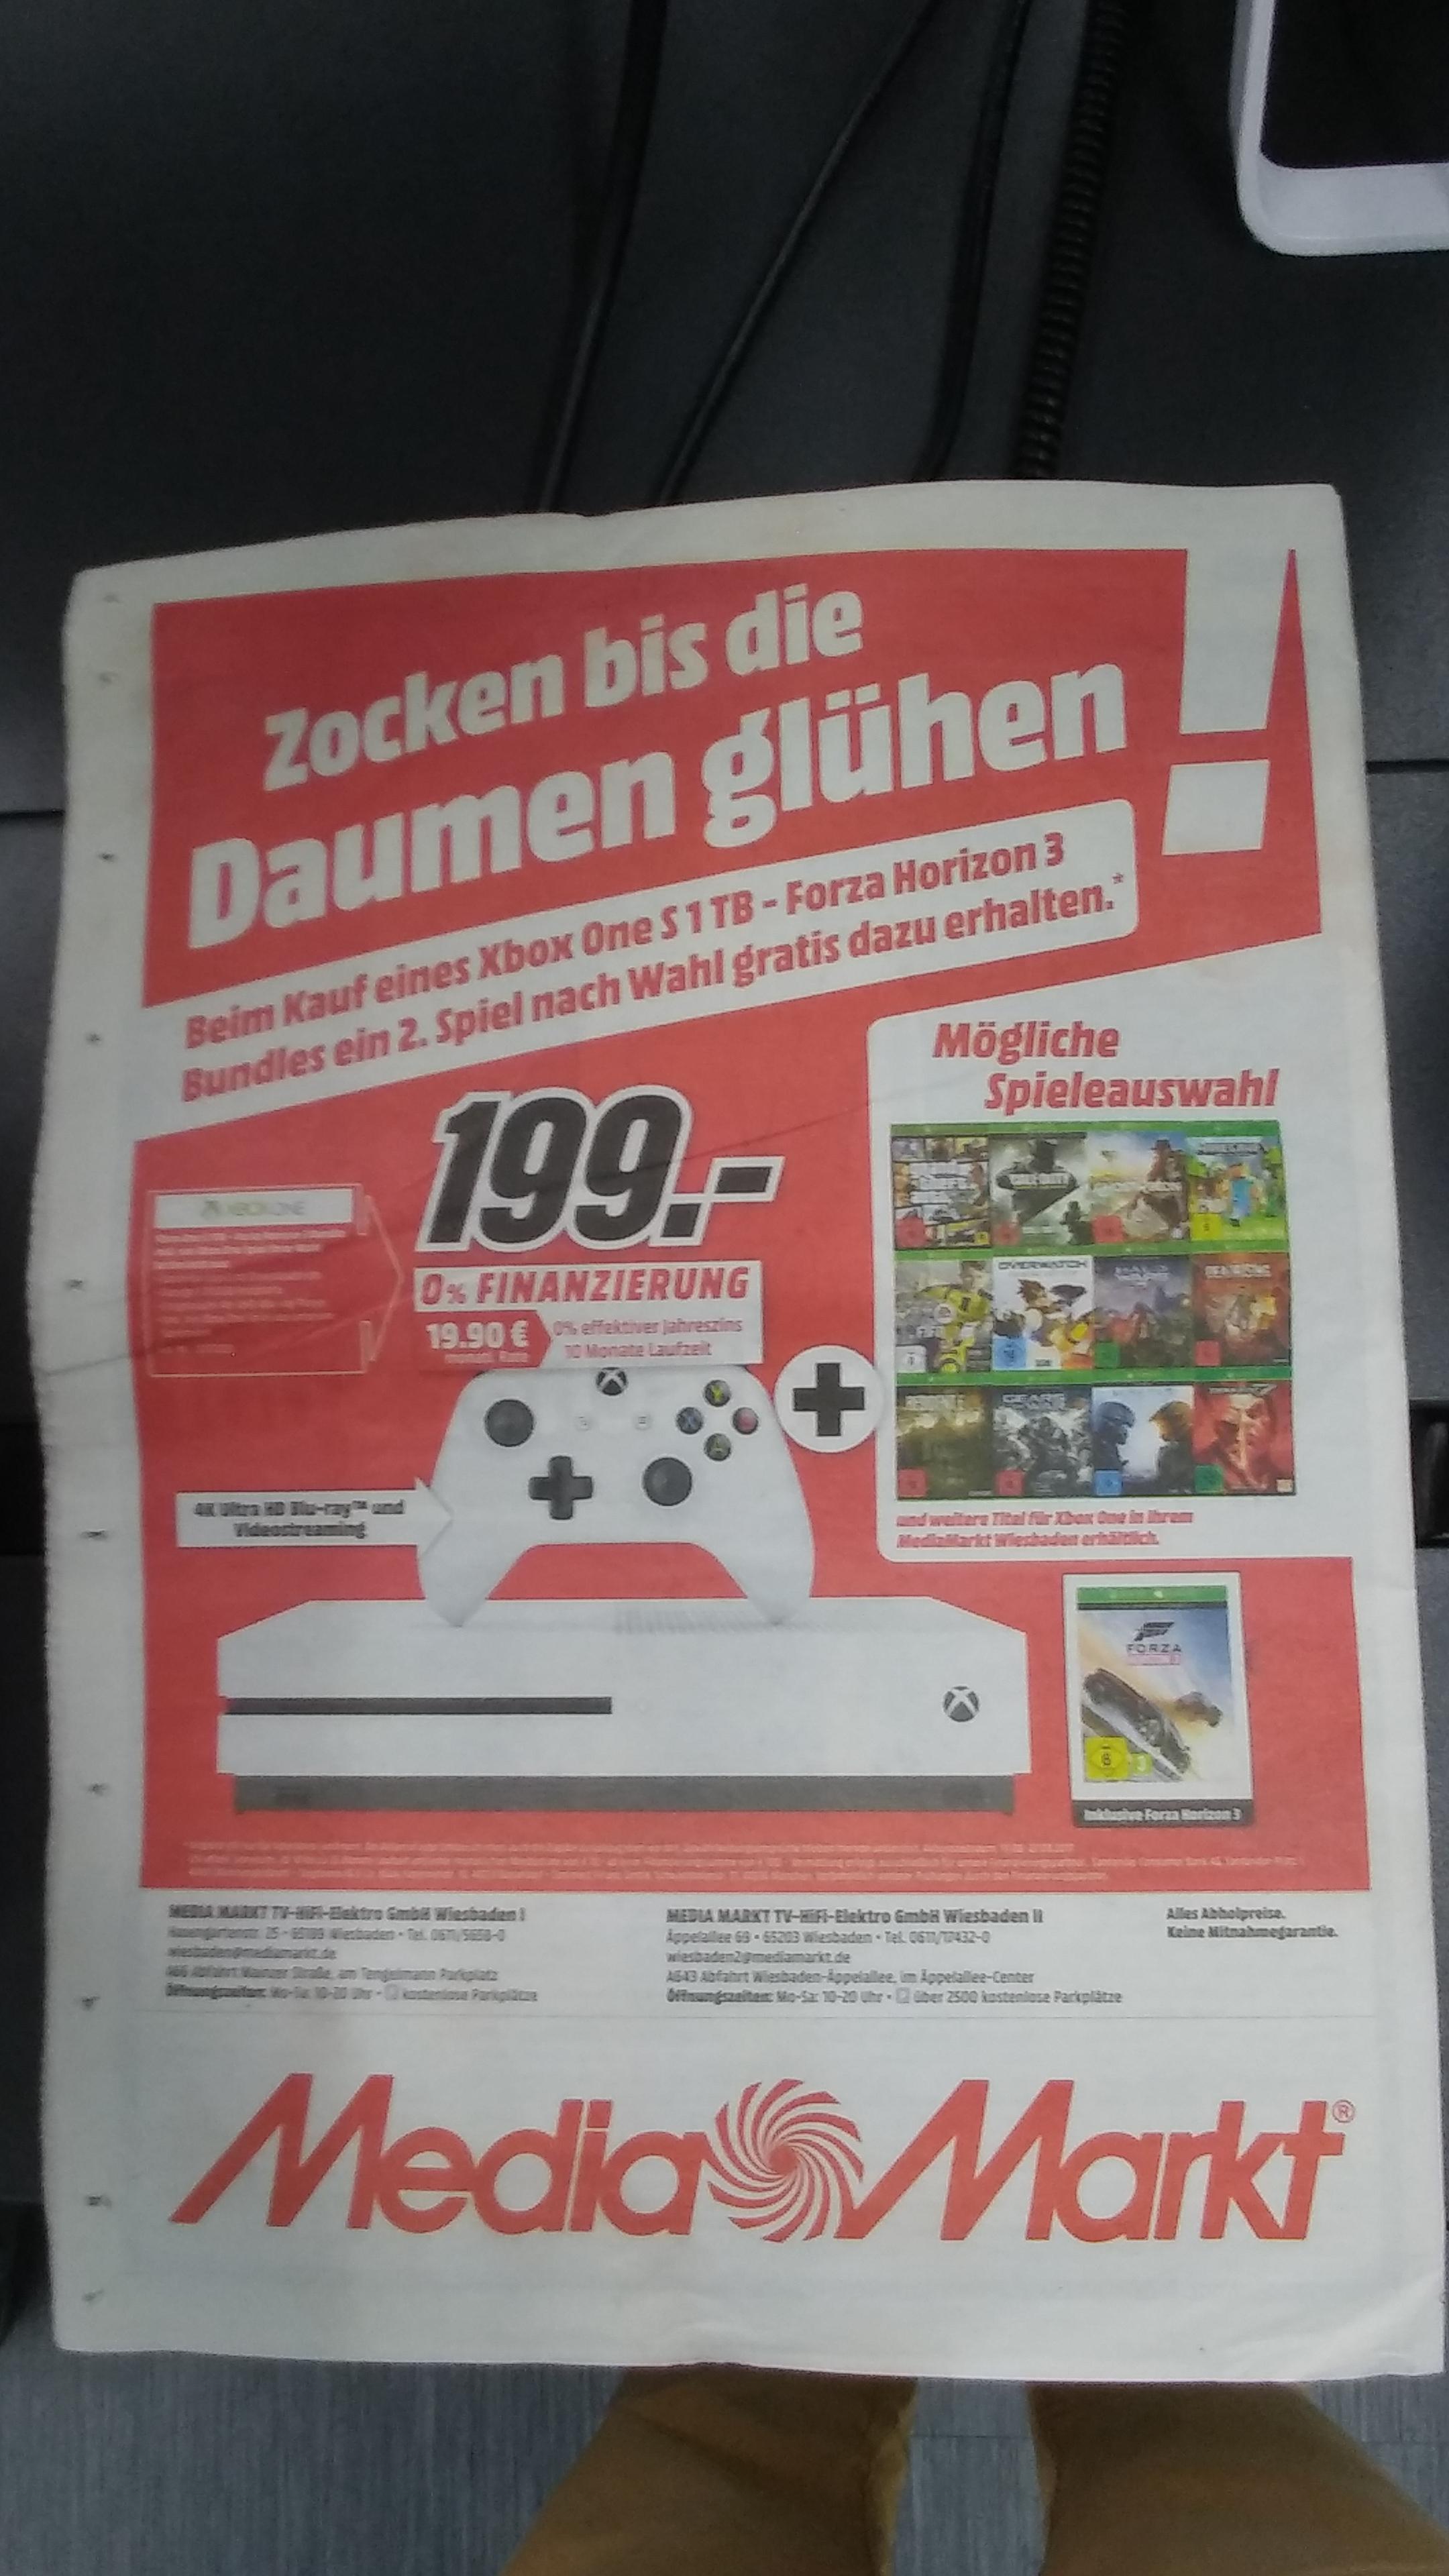 [Lokal Media Markt Wiesbaden 1+2?] XBOX ONE S 1TB inkl. Forza Horizon 3 + ein Spiel nach Wahl